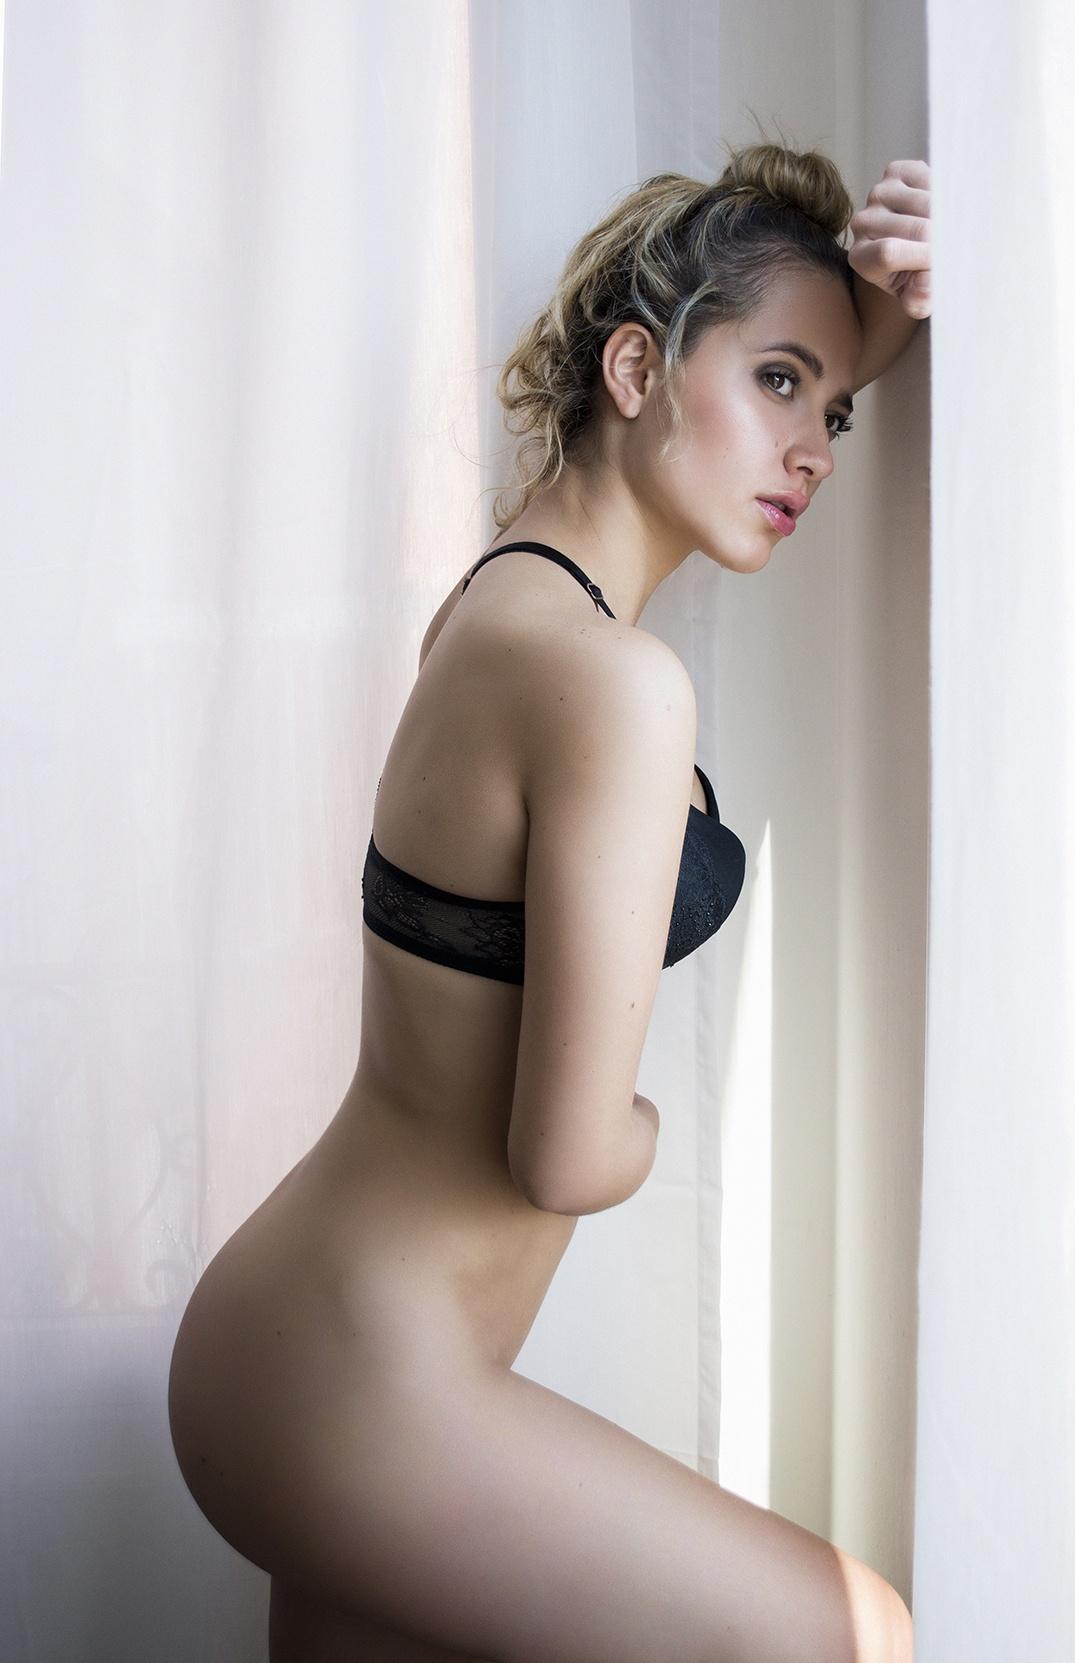 Linda - Acceso gratuito - Desnudo, semidesnudo y boudoir. Fotografía por Javier Cuevas